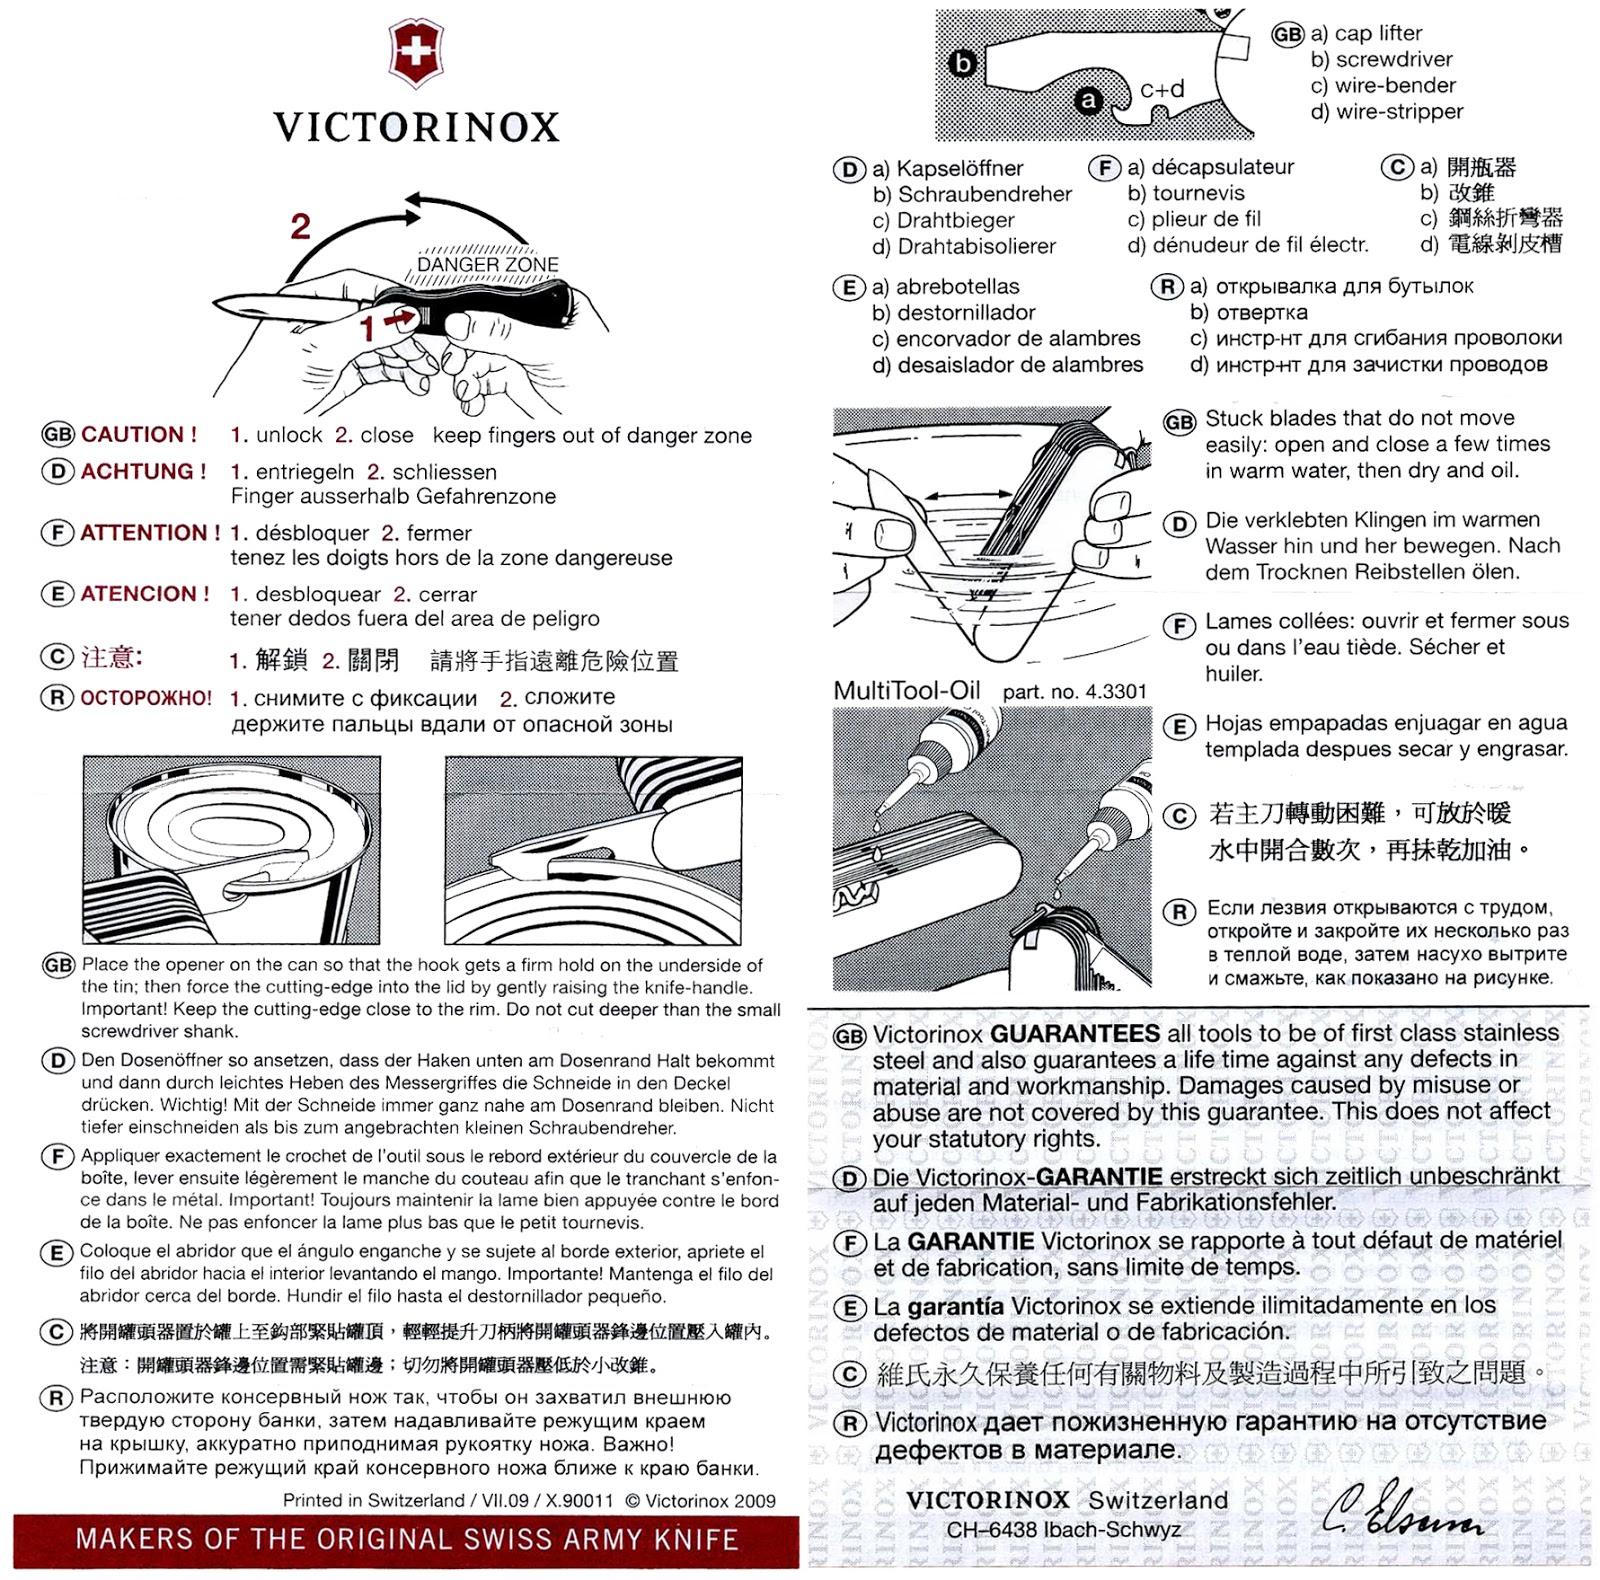 Victorinox инструкция к ножу армейский нож вов